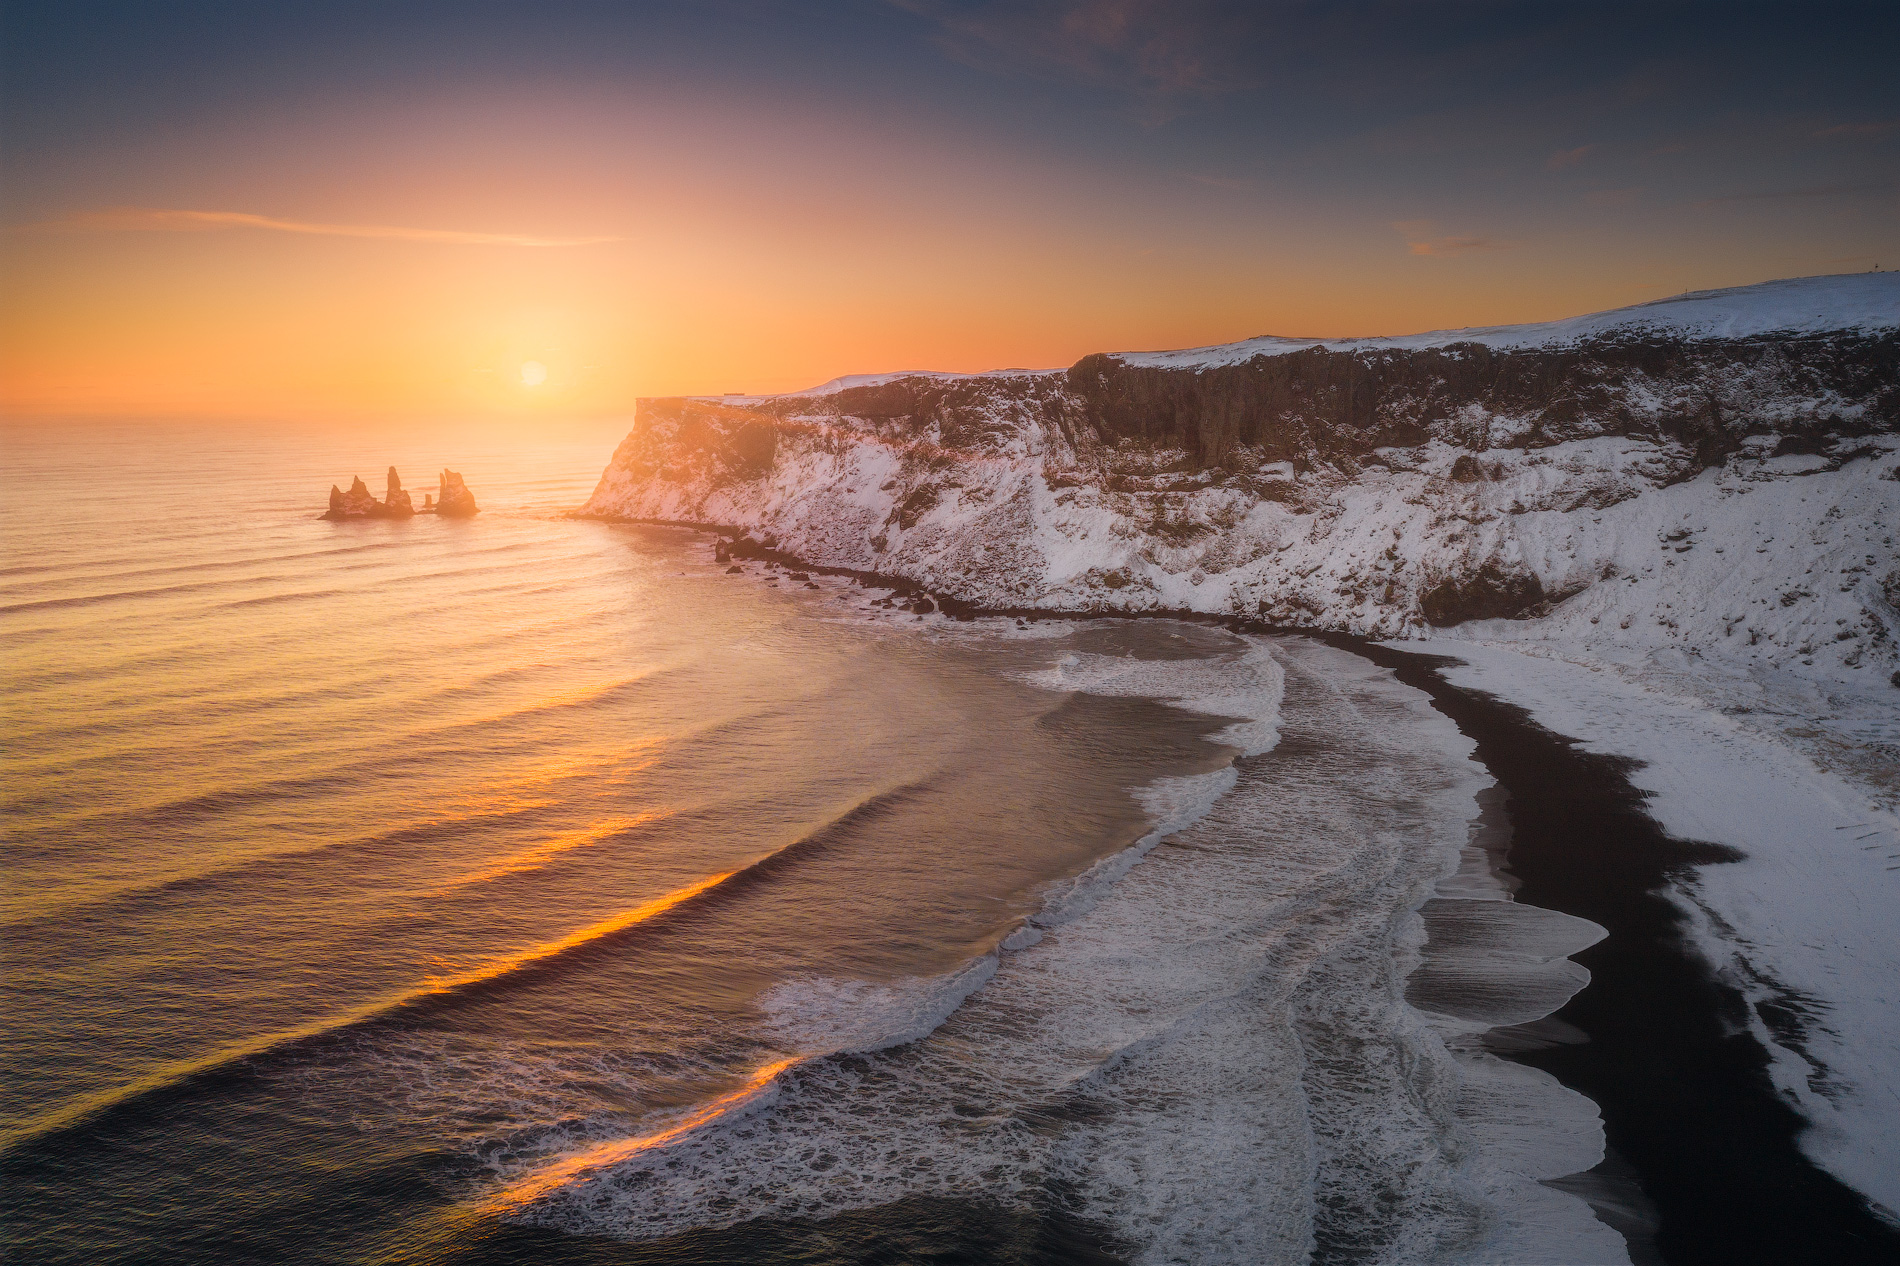 สีสันมากมายของฤดูหนาวรวมกับแสงในชั่วโมงสีทองในช่วงฤดูหนาว.